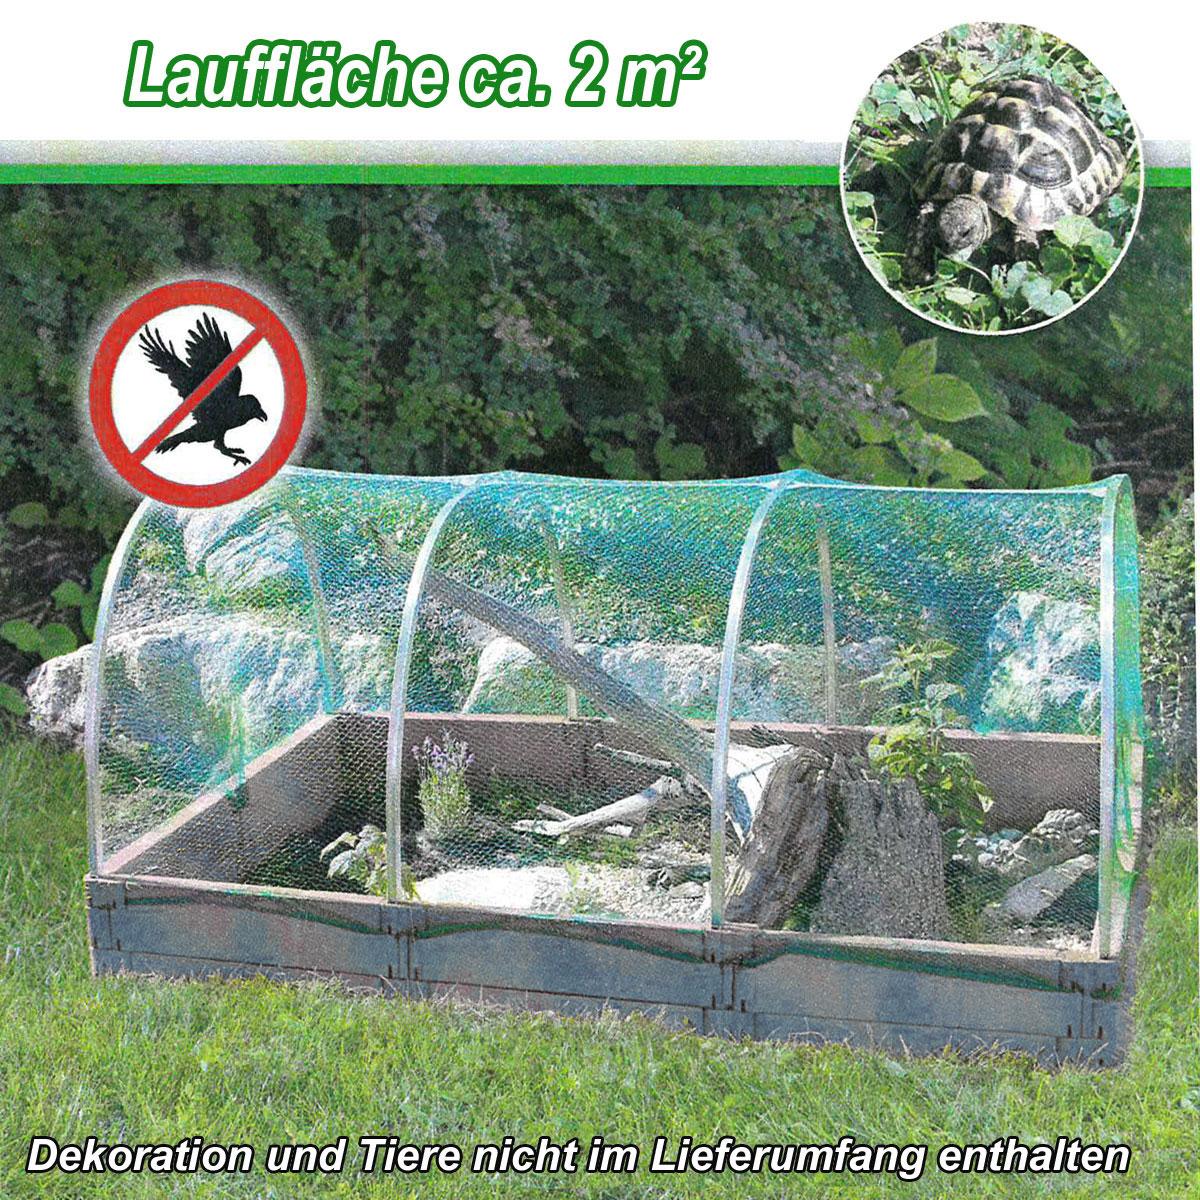 Juwel Kleintiergehege / Kleintierauslauf 2 m² Schutznetz Auswahl